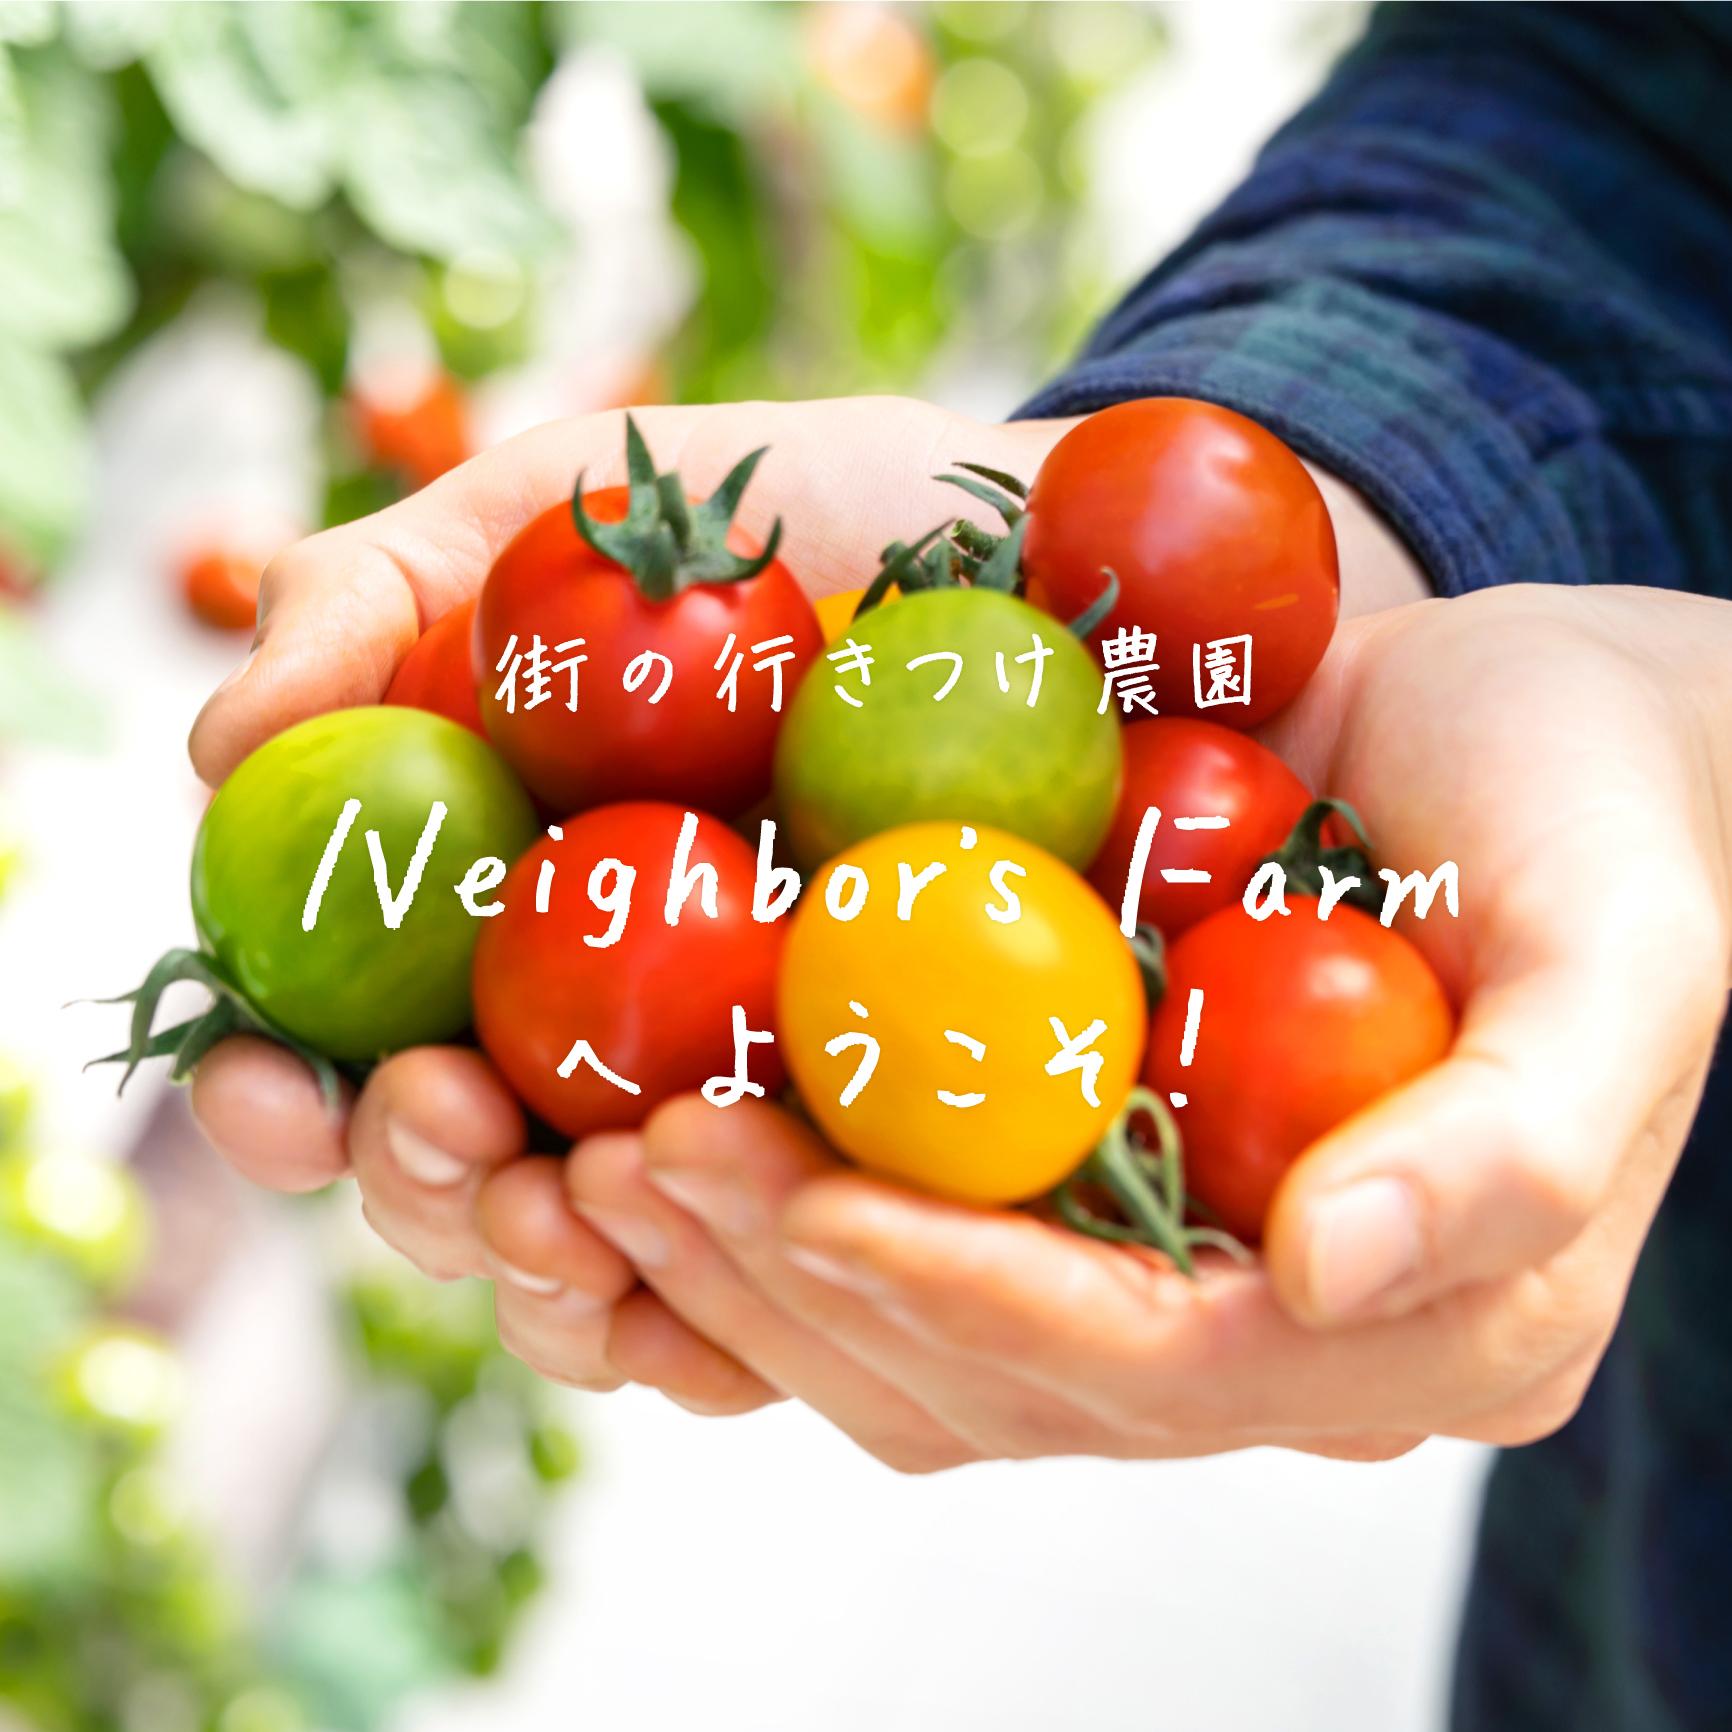 Neighbor's Farm【ネイバーズファーム】   東京、日野市の街の行きつけ農園